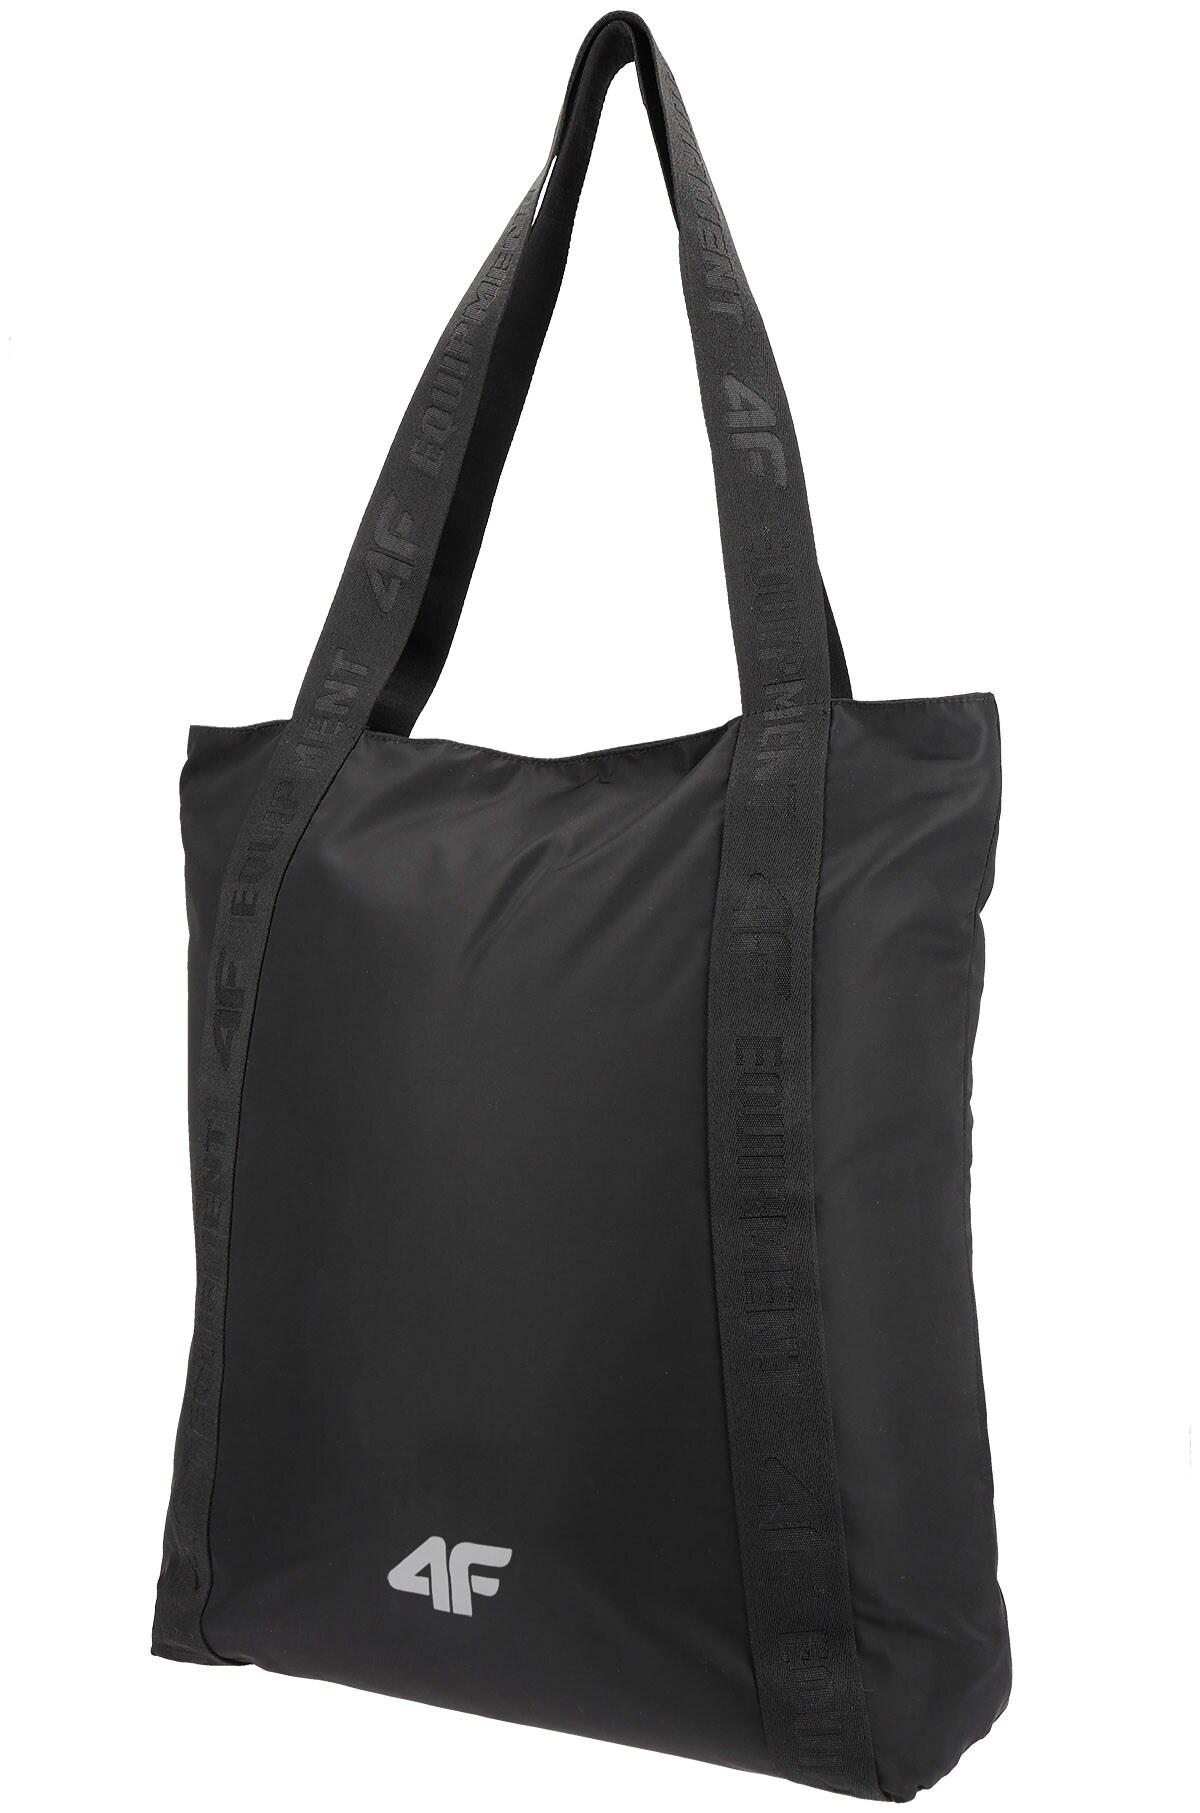 029830a02303b root, torby sportowe torba sportowa tpu101r - głęboka czerń